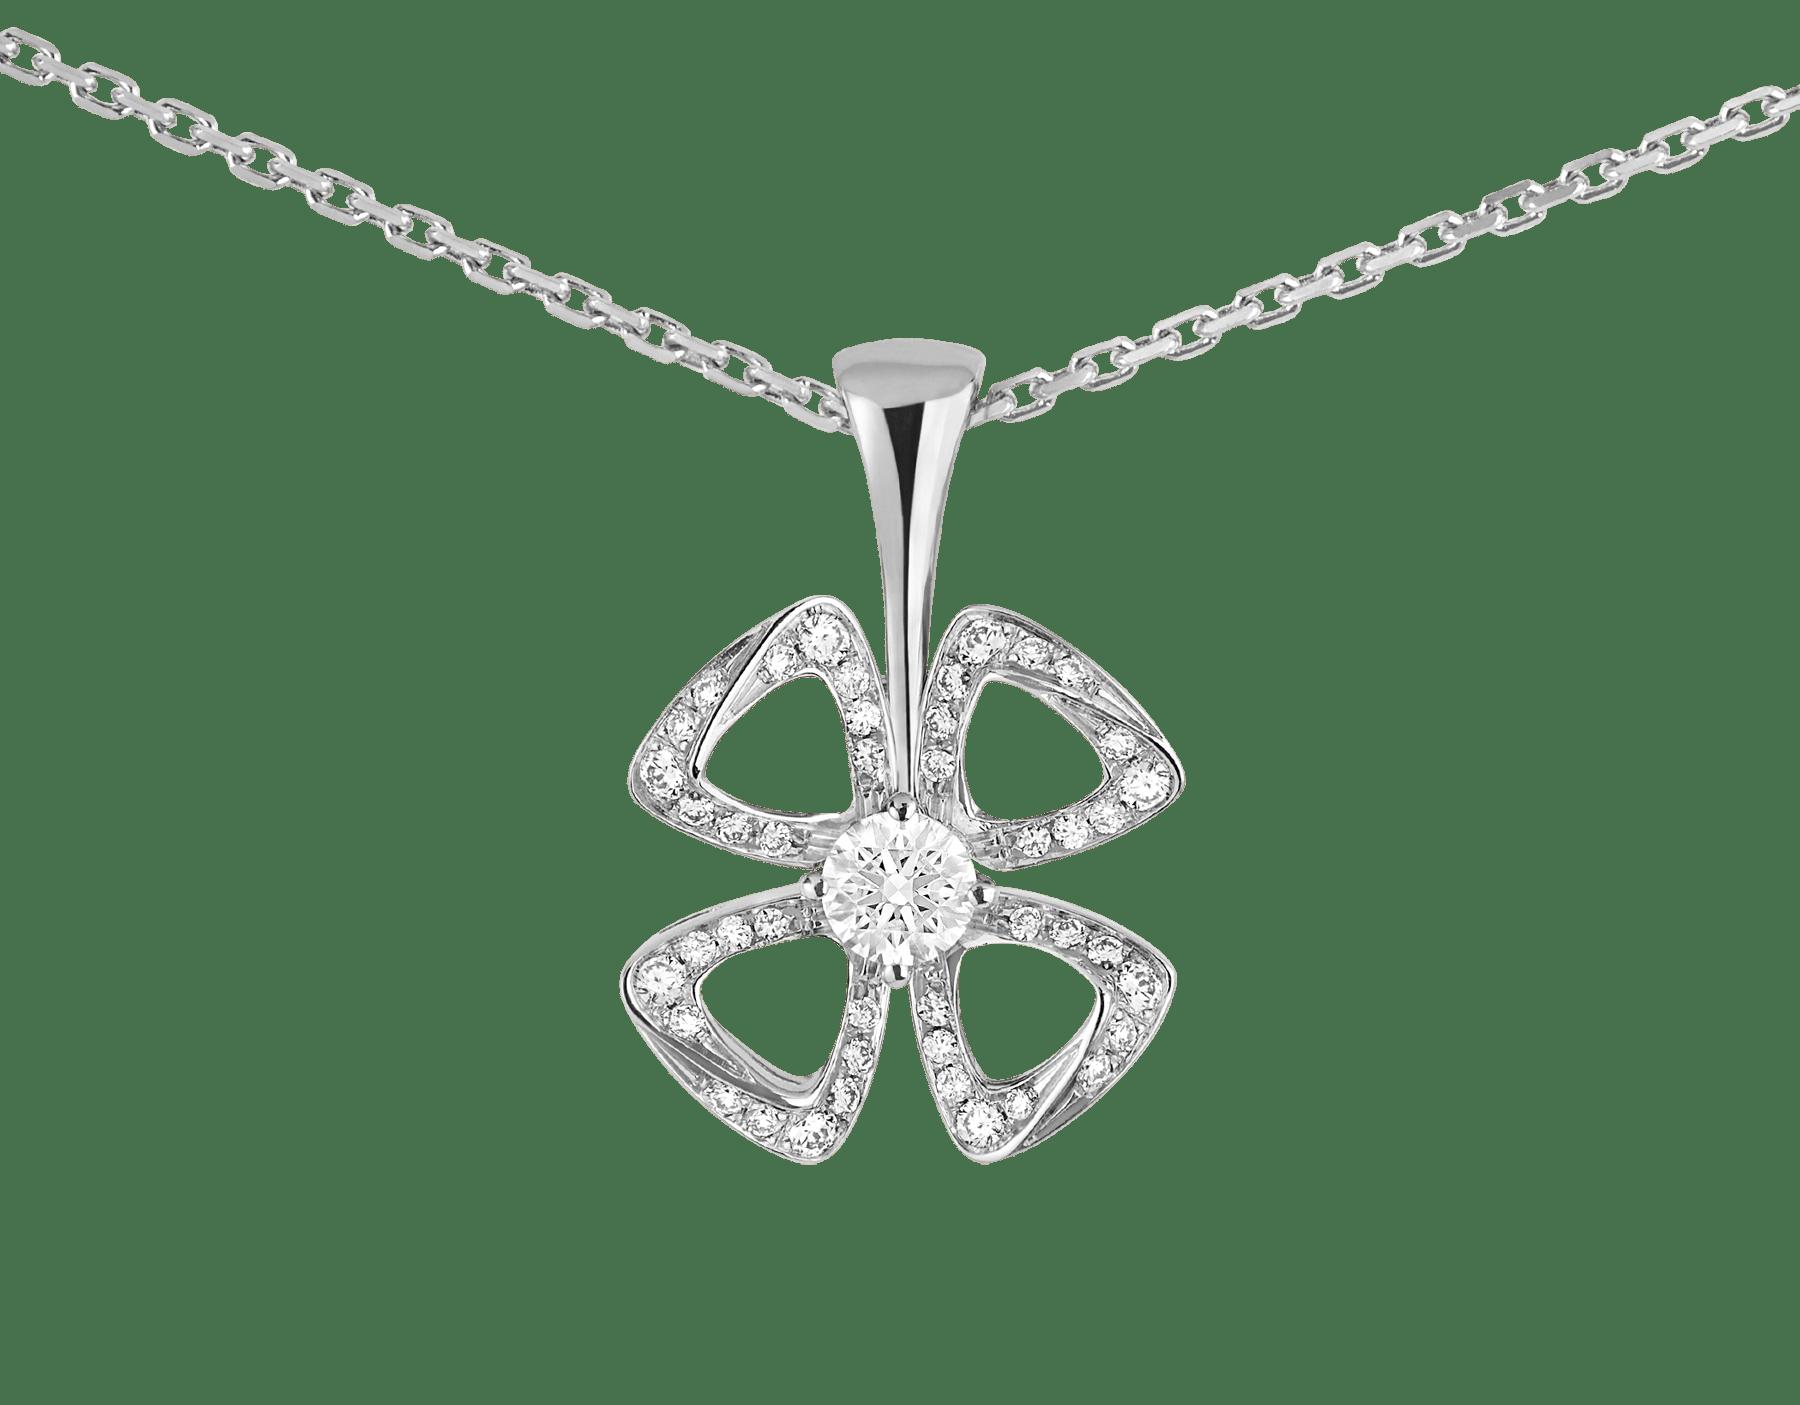 Colar Fiorever em ouro branco 18K cravejado com um diamante central lapidação brilhante (0,10ct) e pavê de diamantes (0,06ct) 358157 image 3